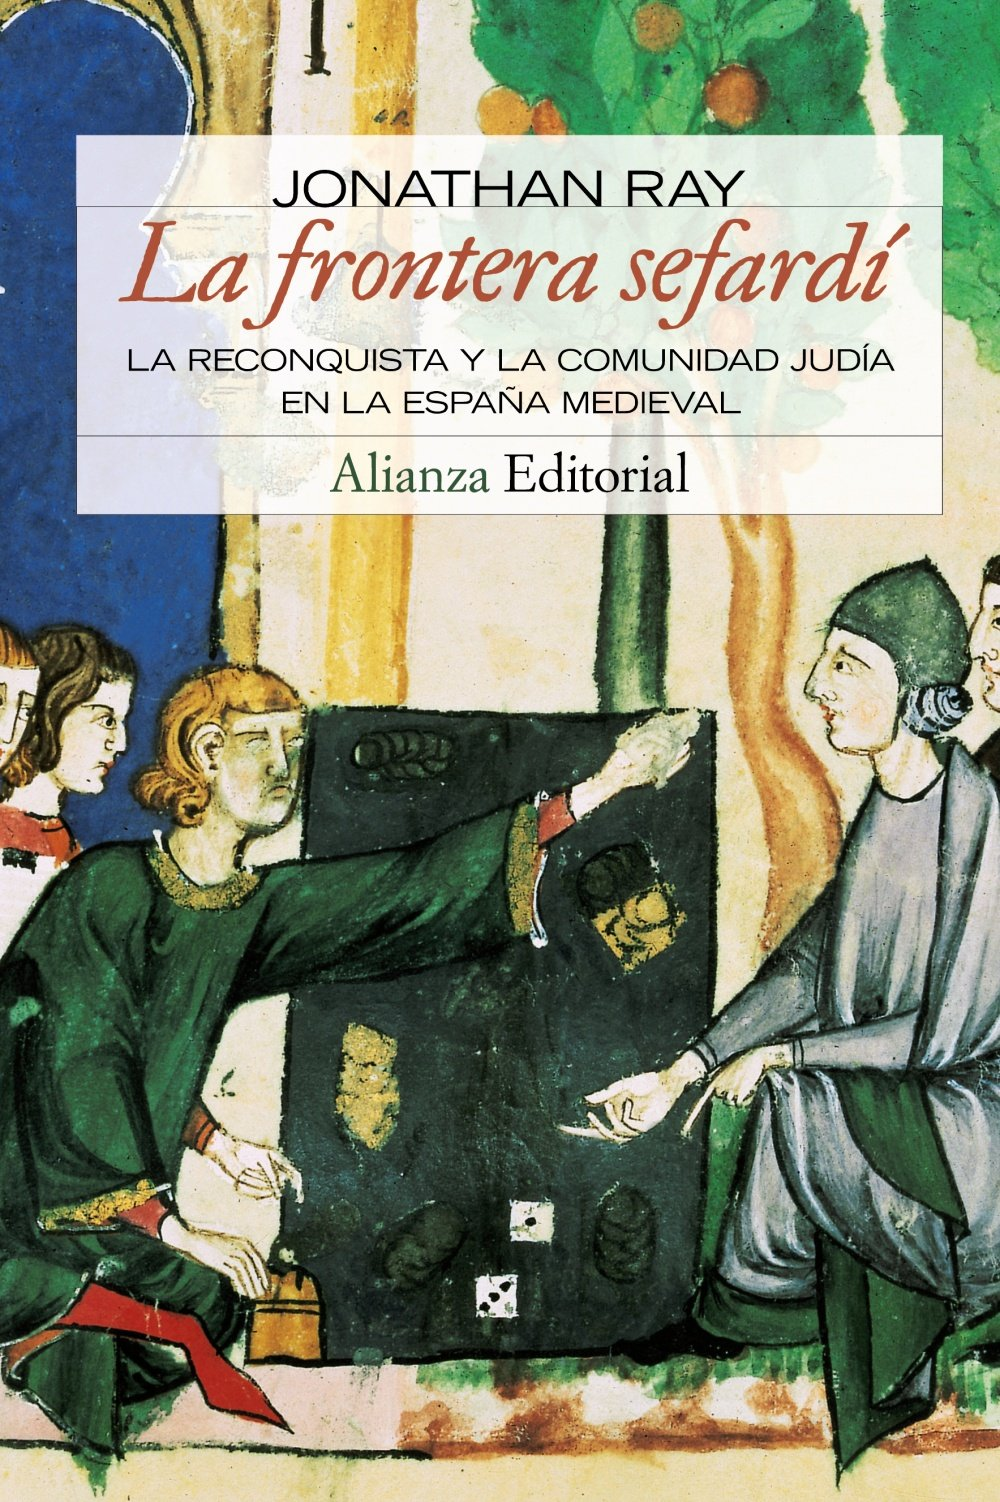 La frontera sefardí: La Reconquista y la comunidad judia en la España Medieval Alianza Ensayo: Amazon.es: Ray, Jonathan, Sánchez León, Pablo: Libros